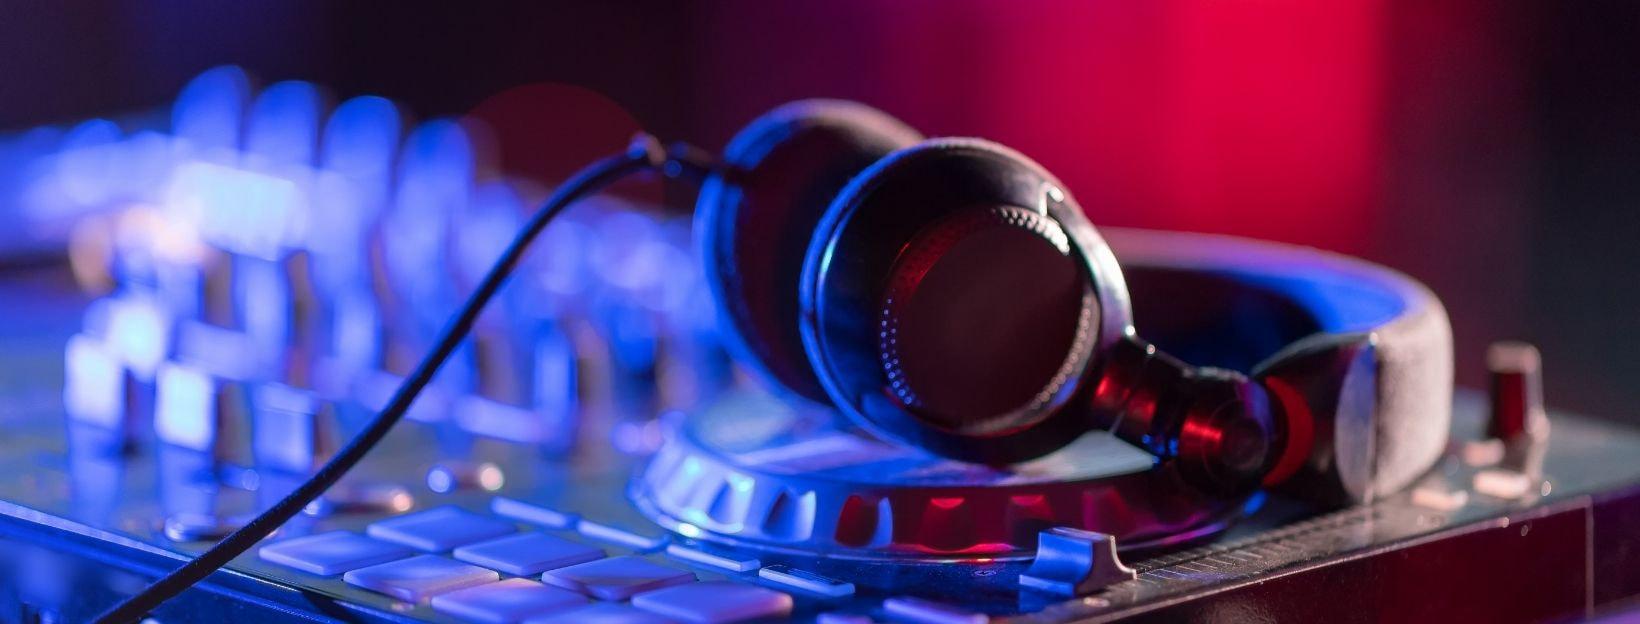 Kopfhörer und DJ-Ausrüstung